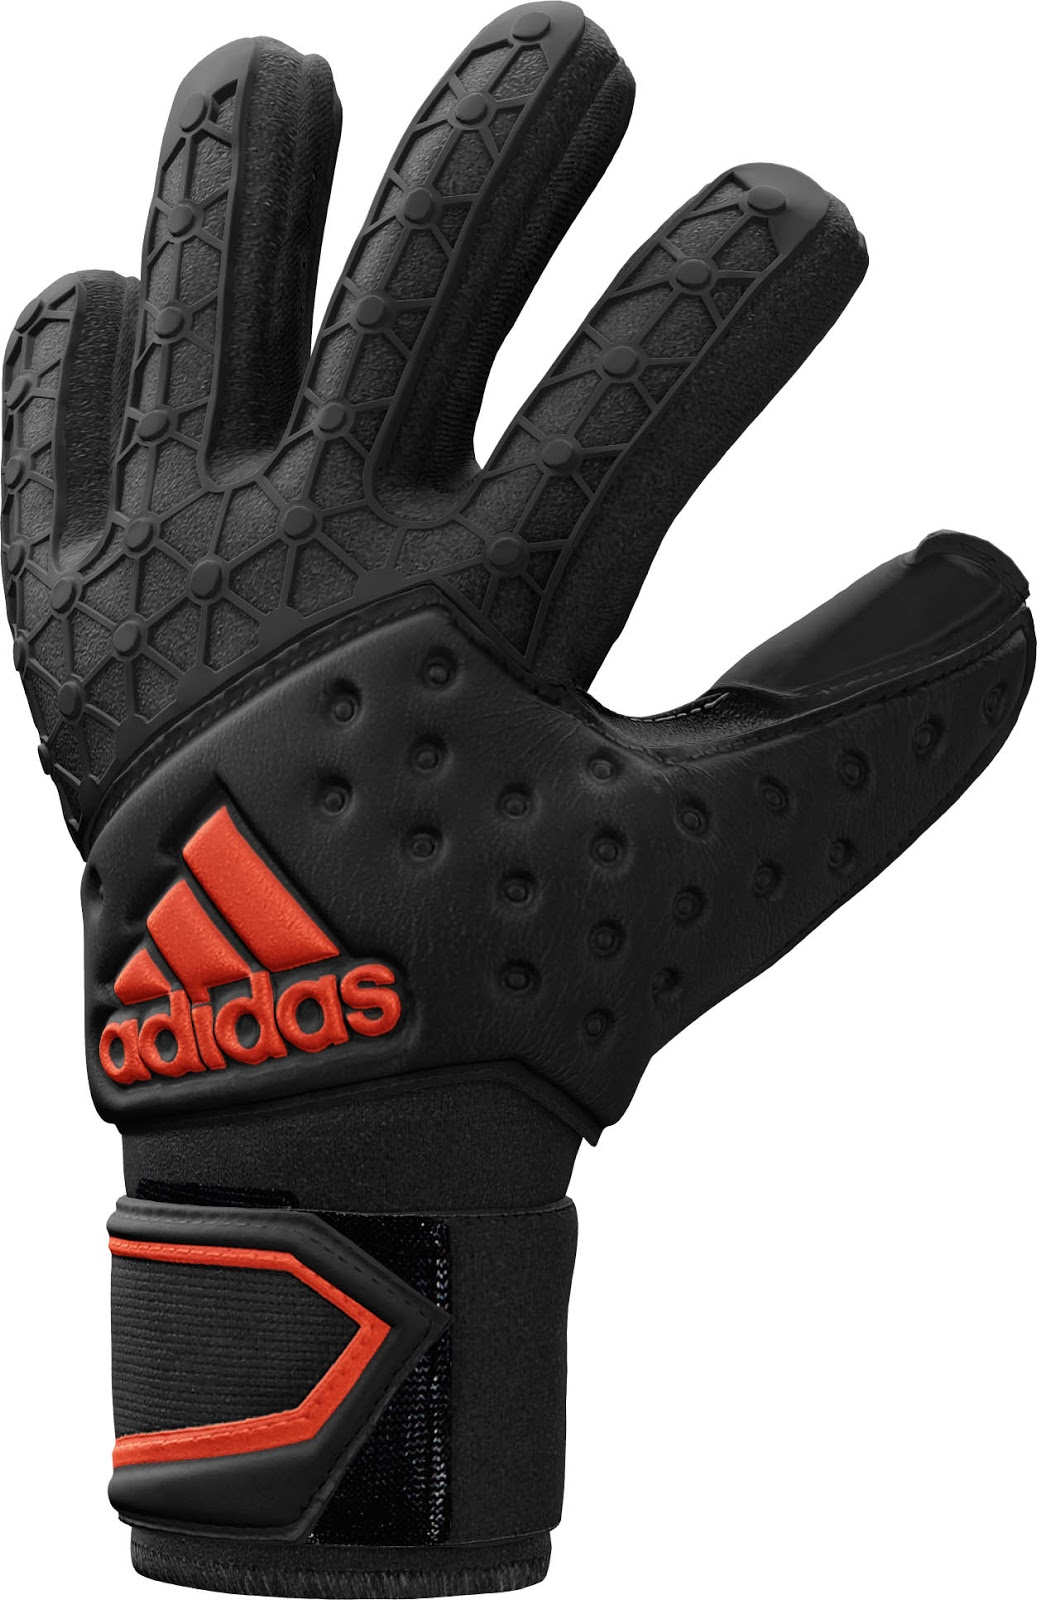 adidas Goalkeeper Gloves Predator FingerRoll Infrared ... |Goalkeeper Gloves Adidas 2015